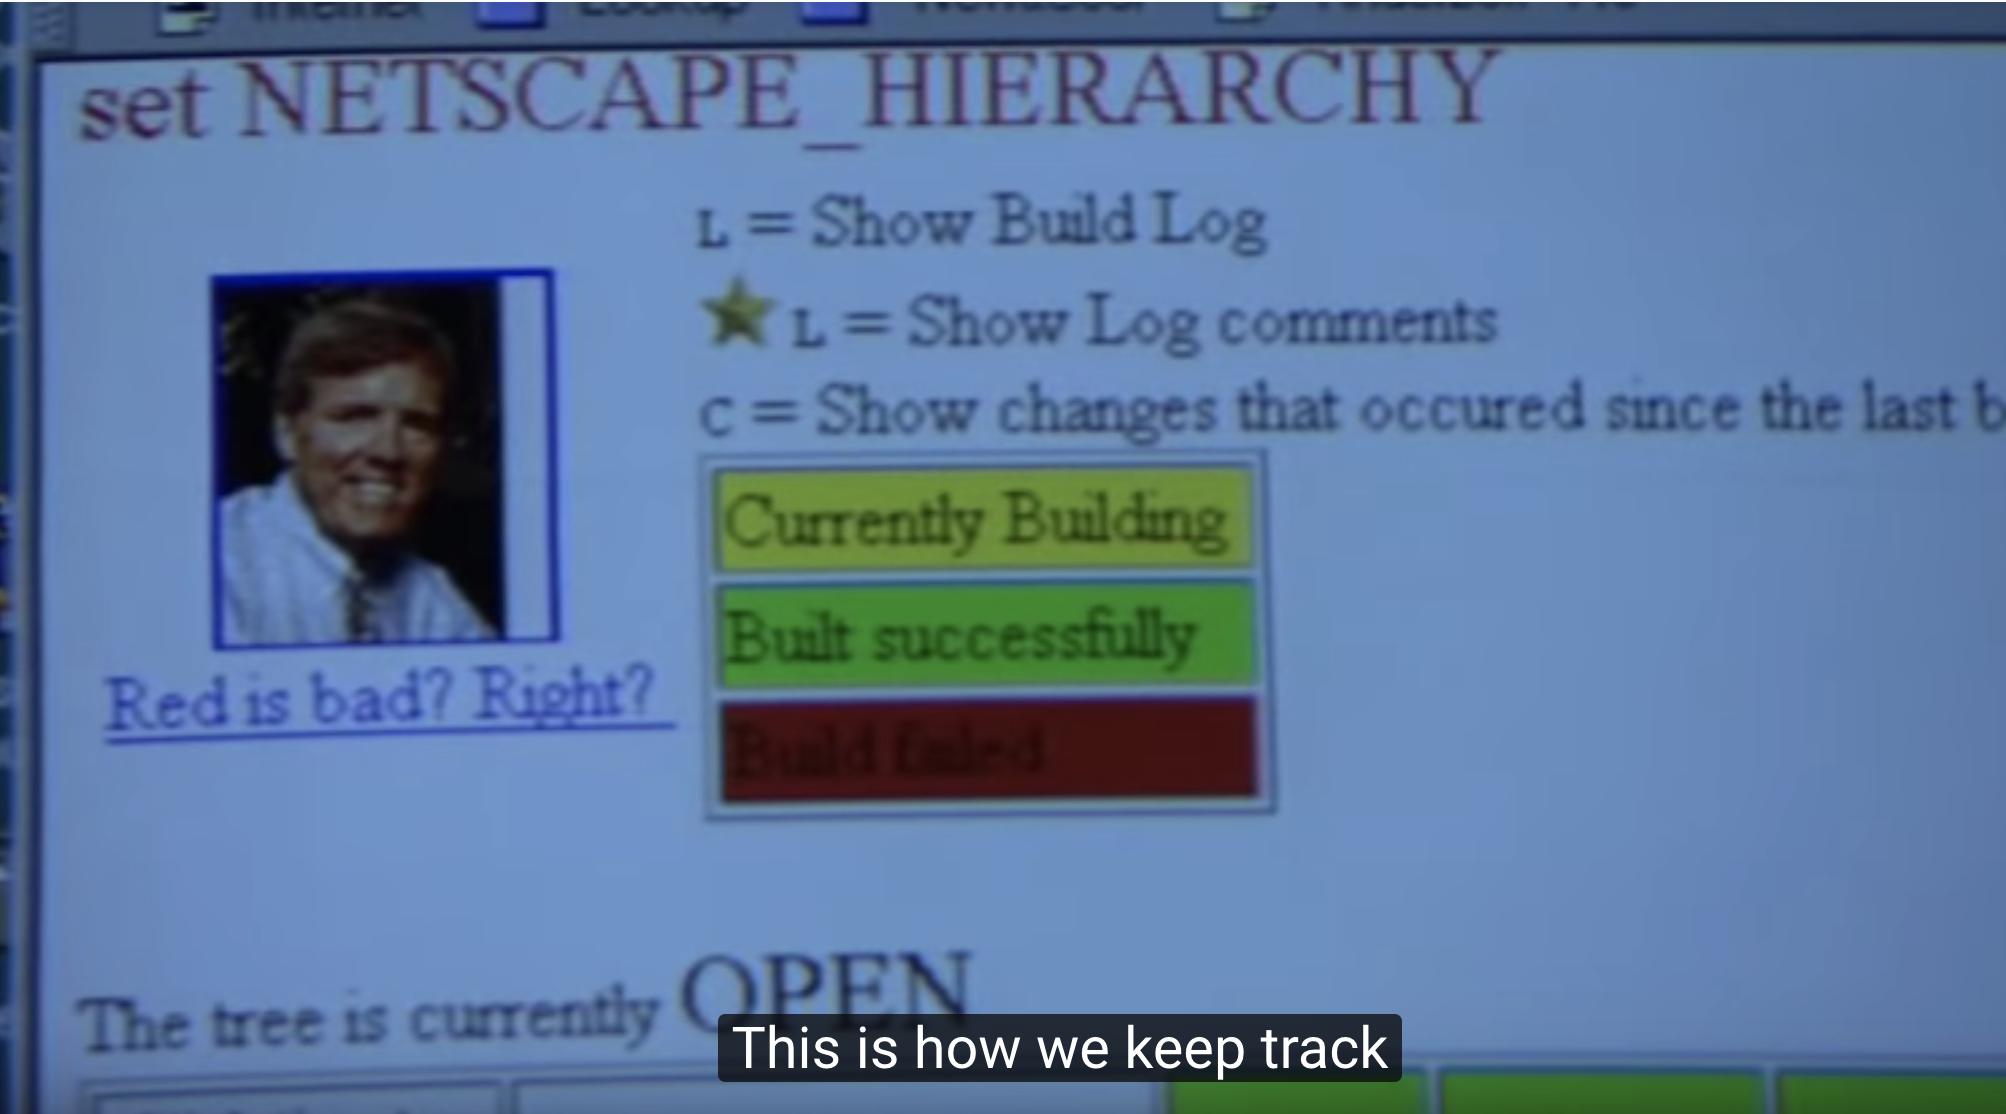 Otro fotograma del documental Project Code Rush, que muestra la pantalla de estado del sistema de integración continua de Mozilla.